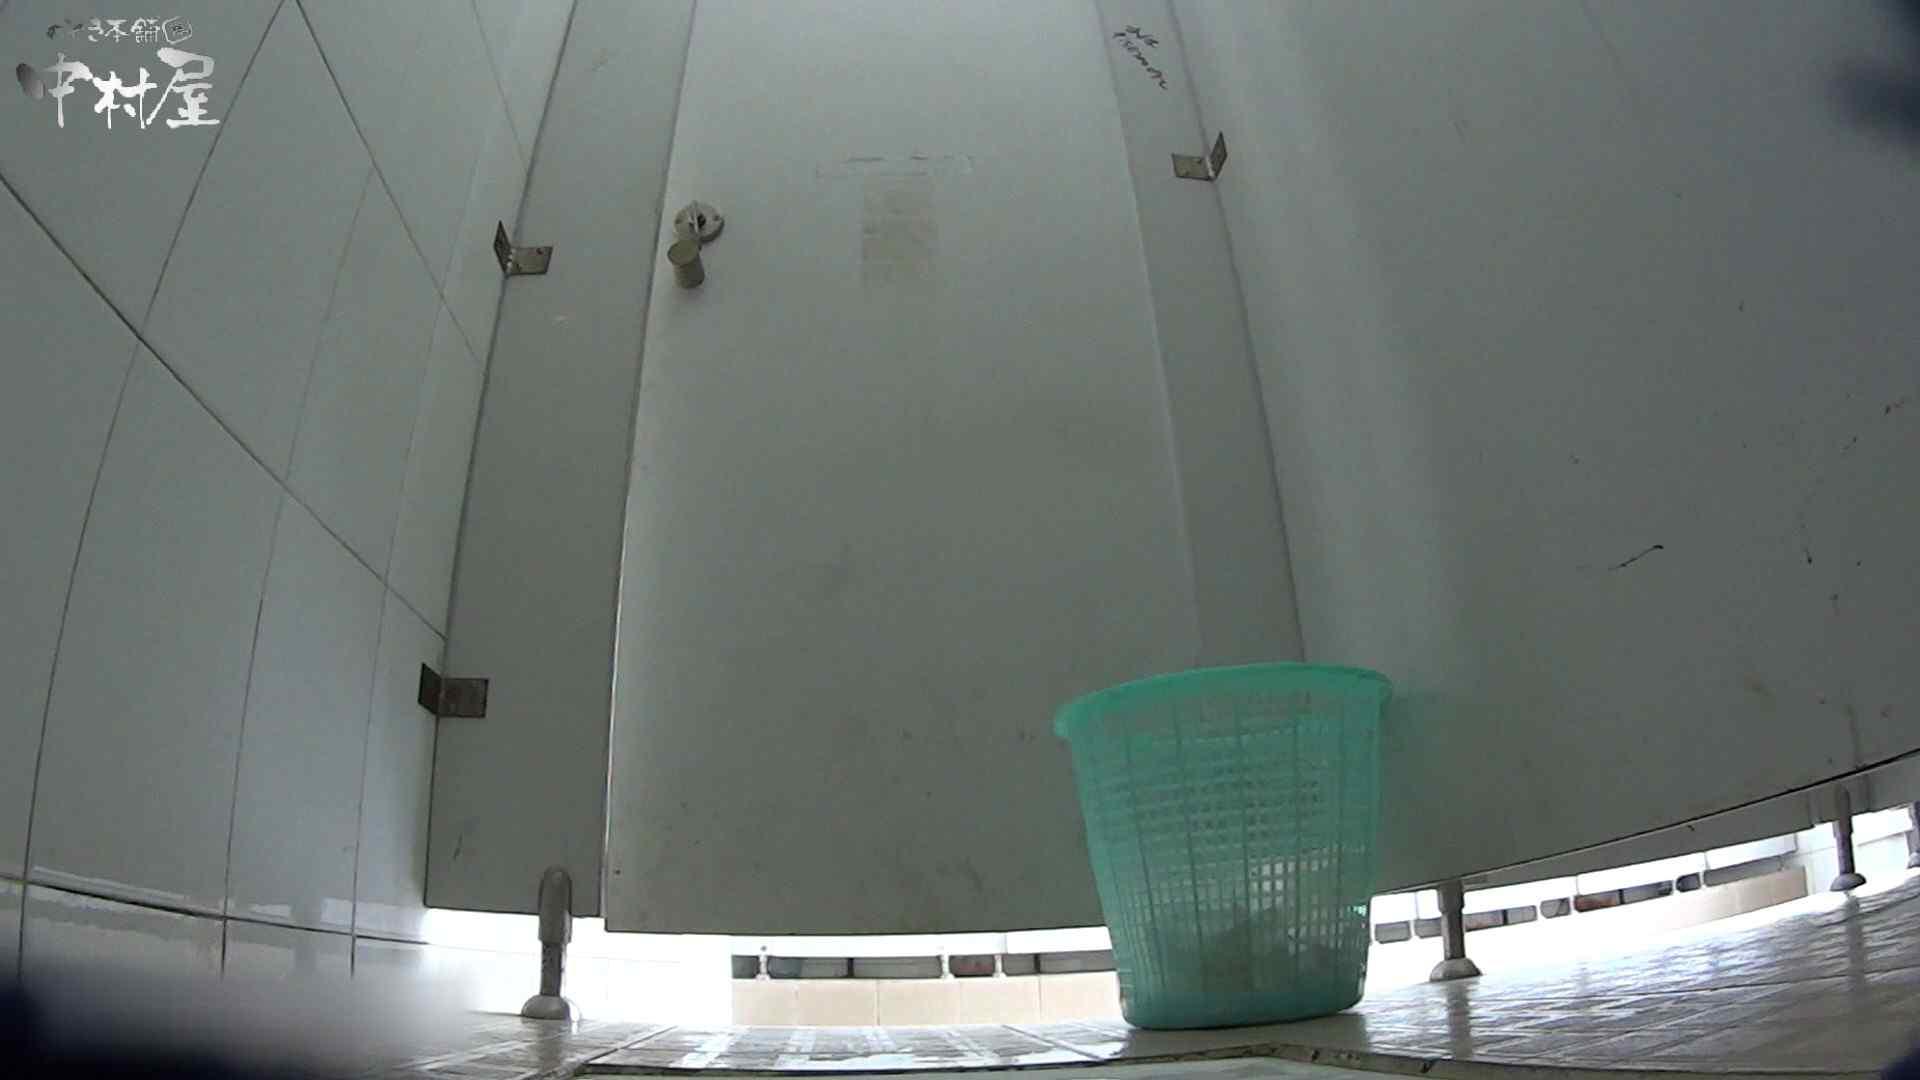 美しい女良たちのトイレ事情 有名大学休憩時間の洗面所事情06 高画質  101Pix 40